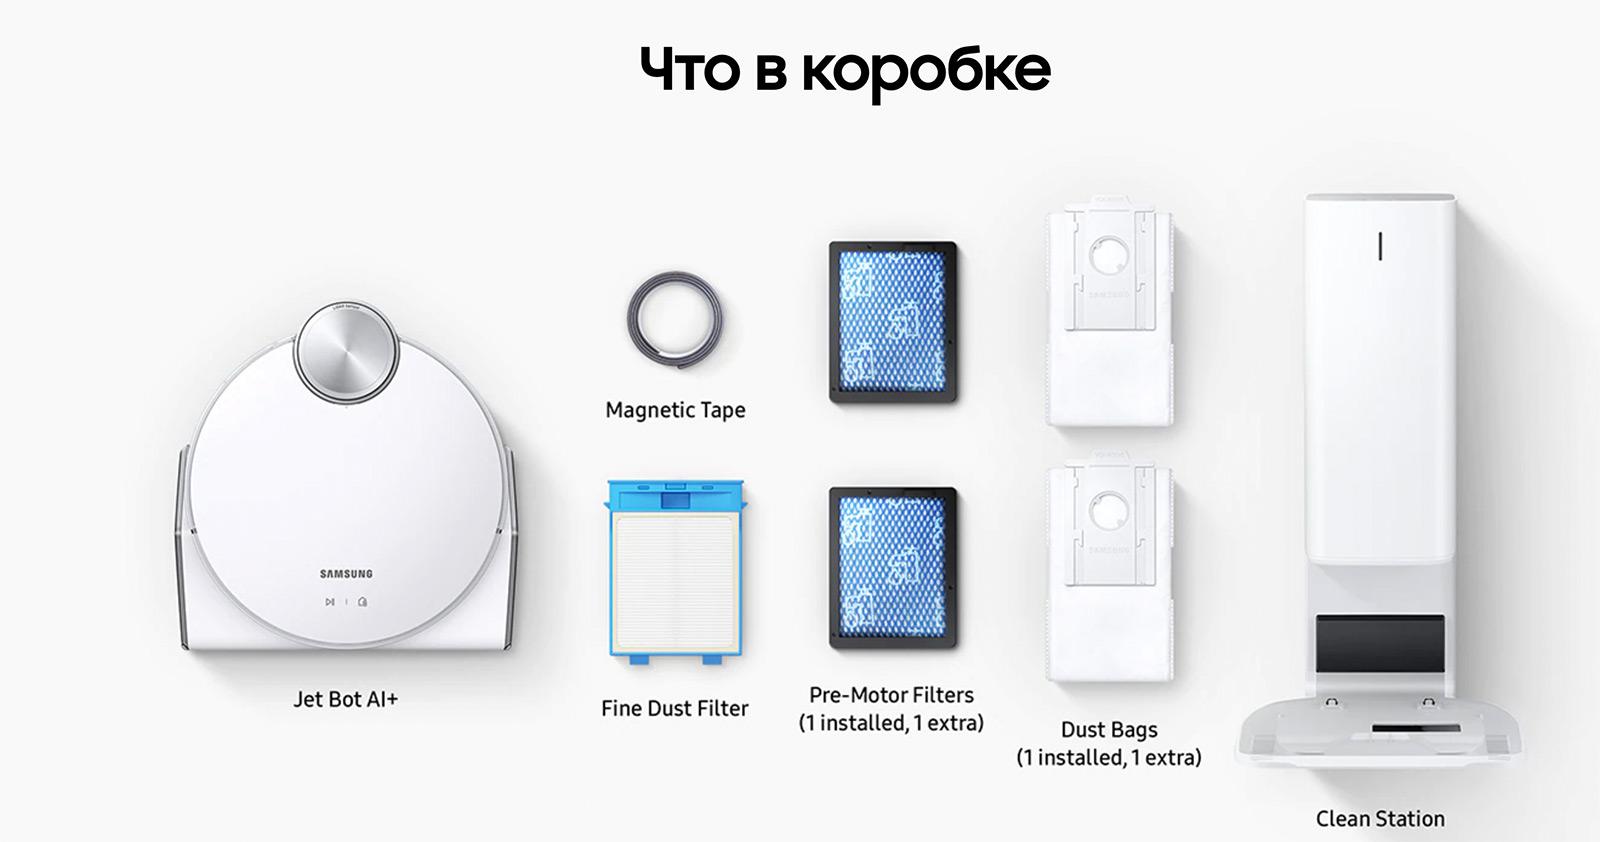 138620 Обзор робота-пылесоса Samsung JetBotAI+ (VR9500T)